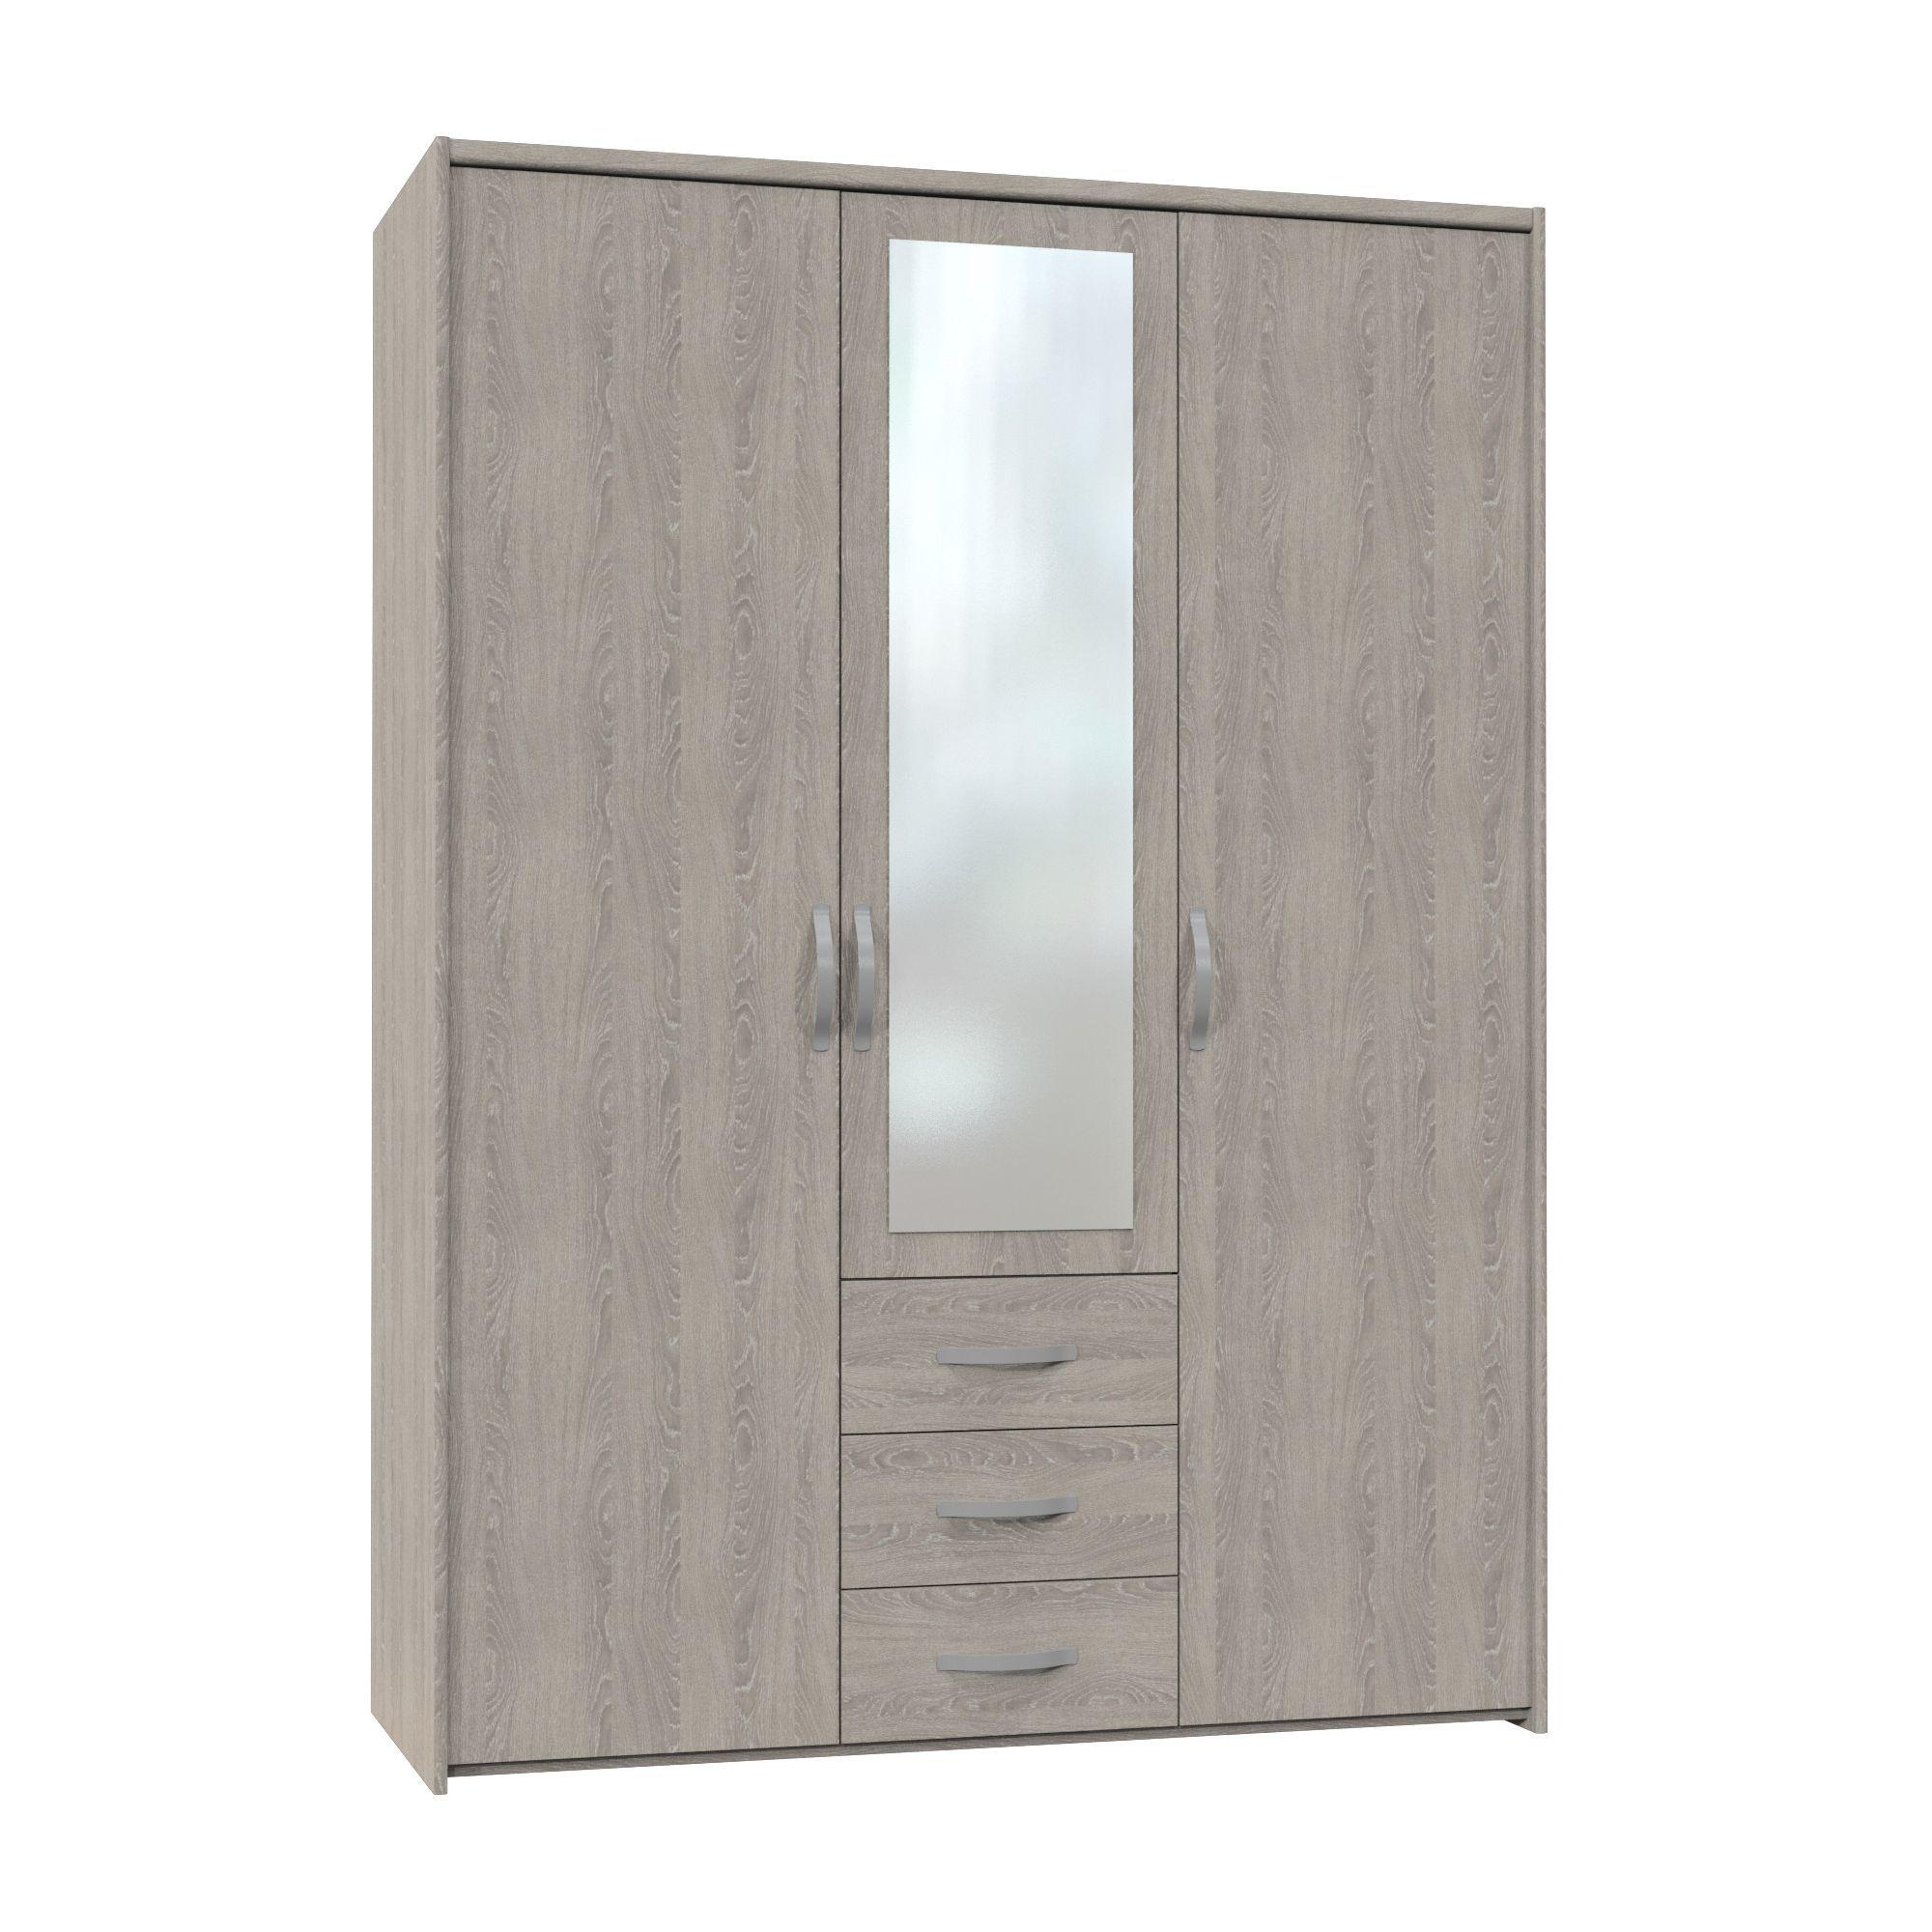 Altruna Now 3 Doors Wardrobe - Oak at Tesco Direct